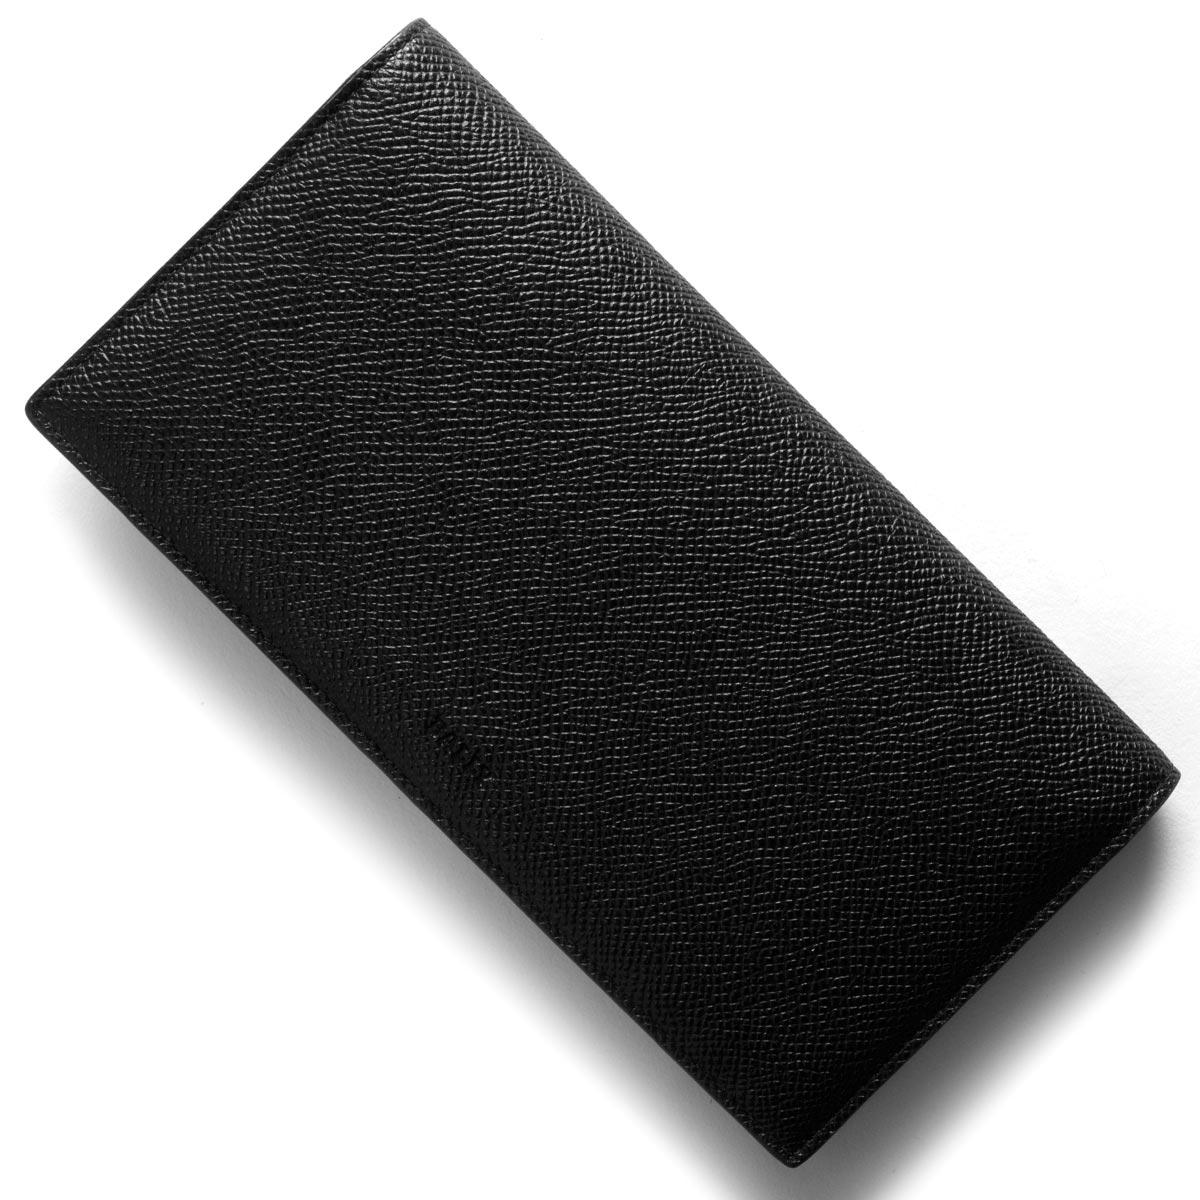 バリー BALLY 長財布 バリロ BALIRO ブラック&レッド BALIRO B 216 2017年秋冬新作 メンズ